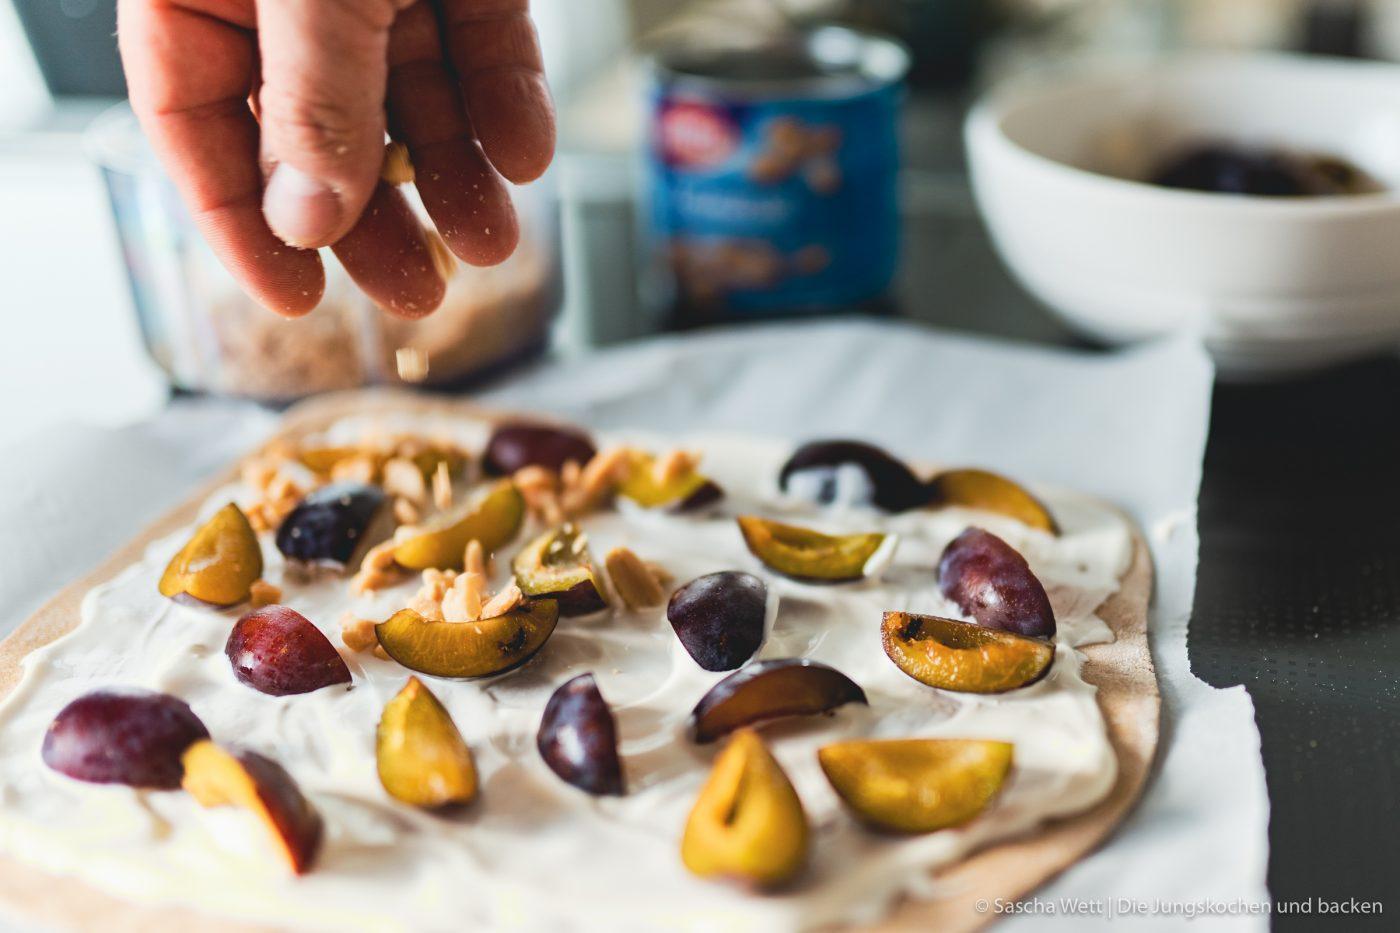 Vollkorn-Flammkuchen mit Erdnüssen, Pflaumen, Honig in Zubereitung